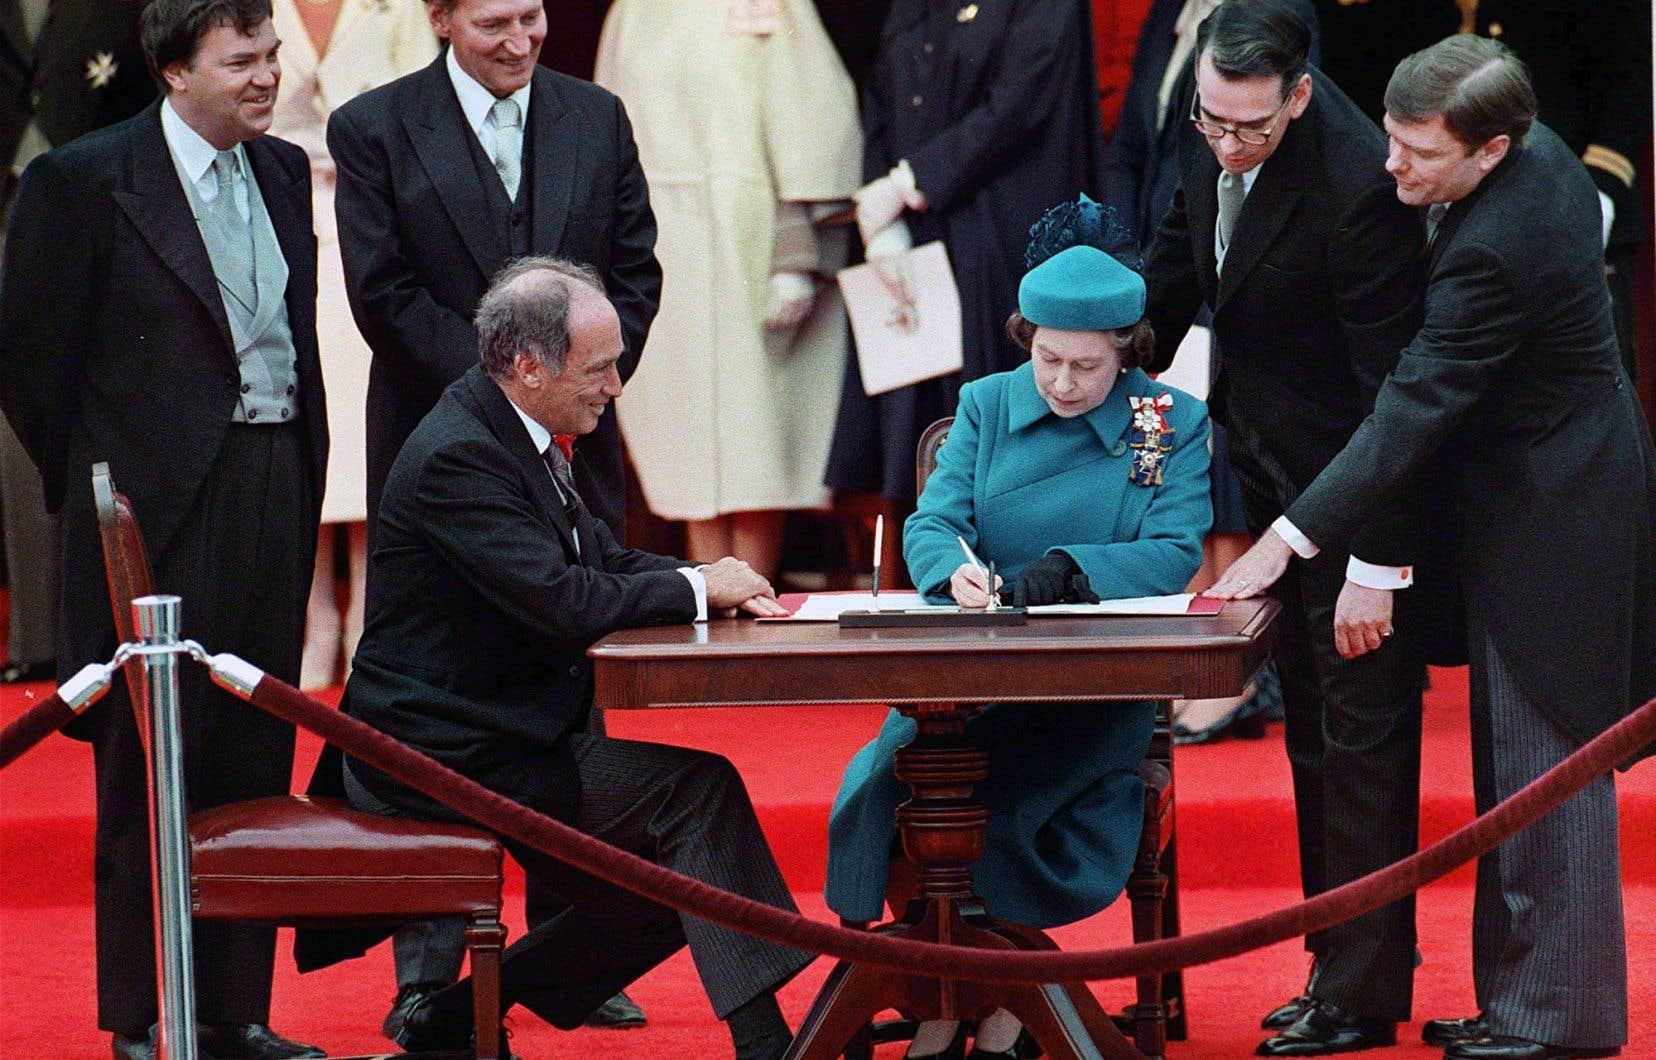 Le 17 avril 1982, la proclamation de la Loi constitutionnelle — signée par la reine et par le premier ministre Pierre Elliott Trudeau — marquait l'aboutissement d'une opération de rapatriement unilatéral effectuée sans l'assentiment du Québec, rappellent les auteurs.